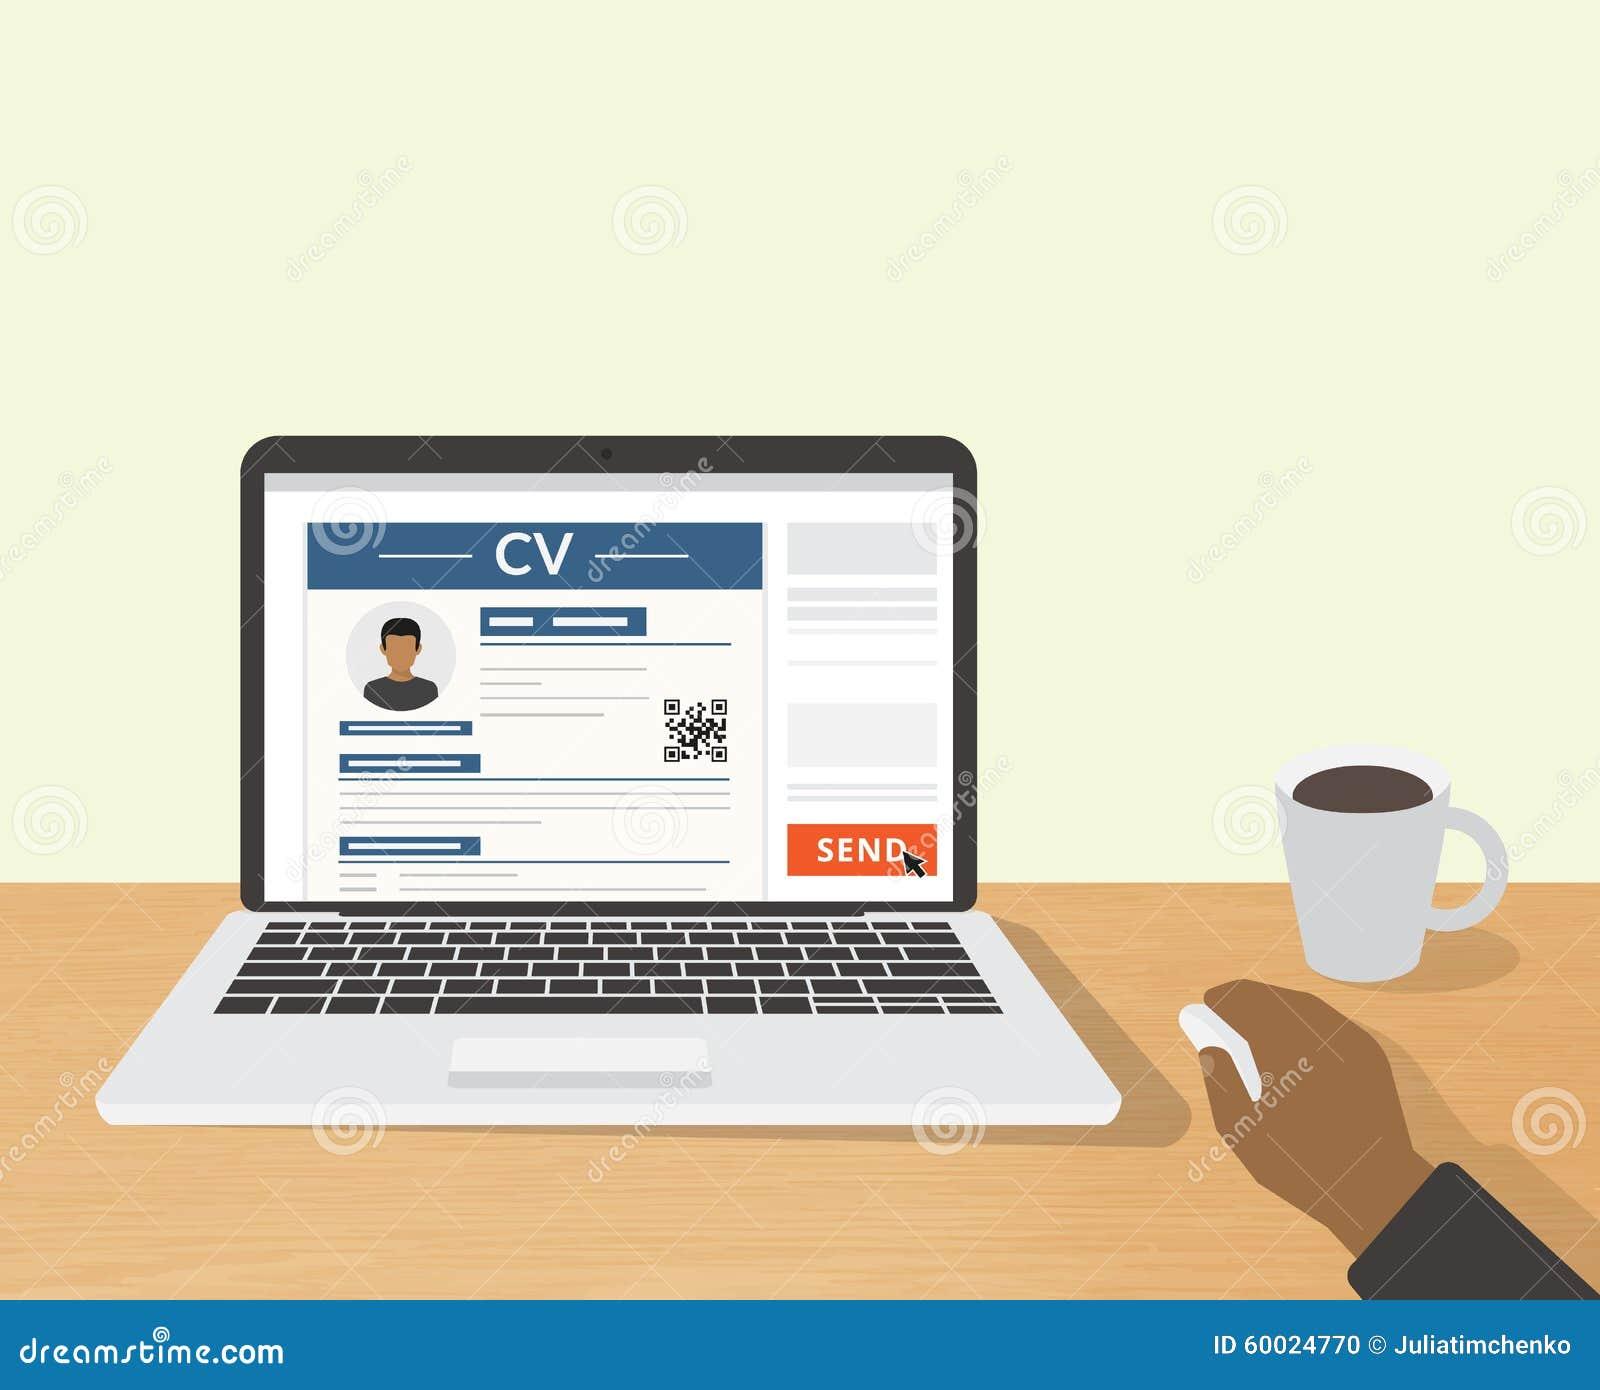 Envoi De Cv Par L Intermediaire De L Email Illustration De Vecteur